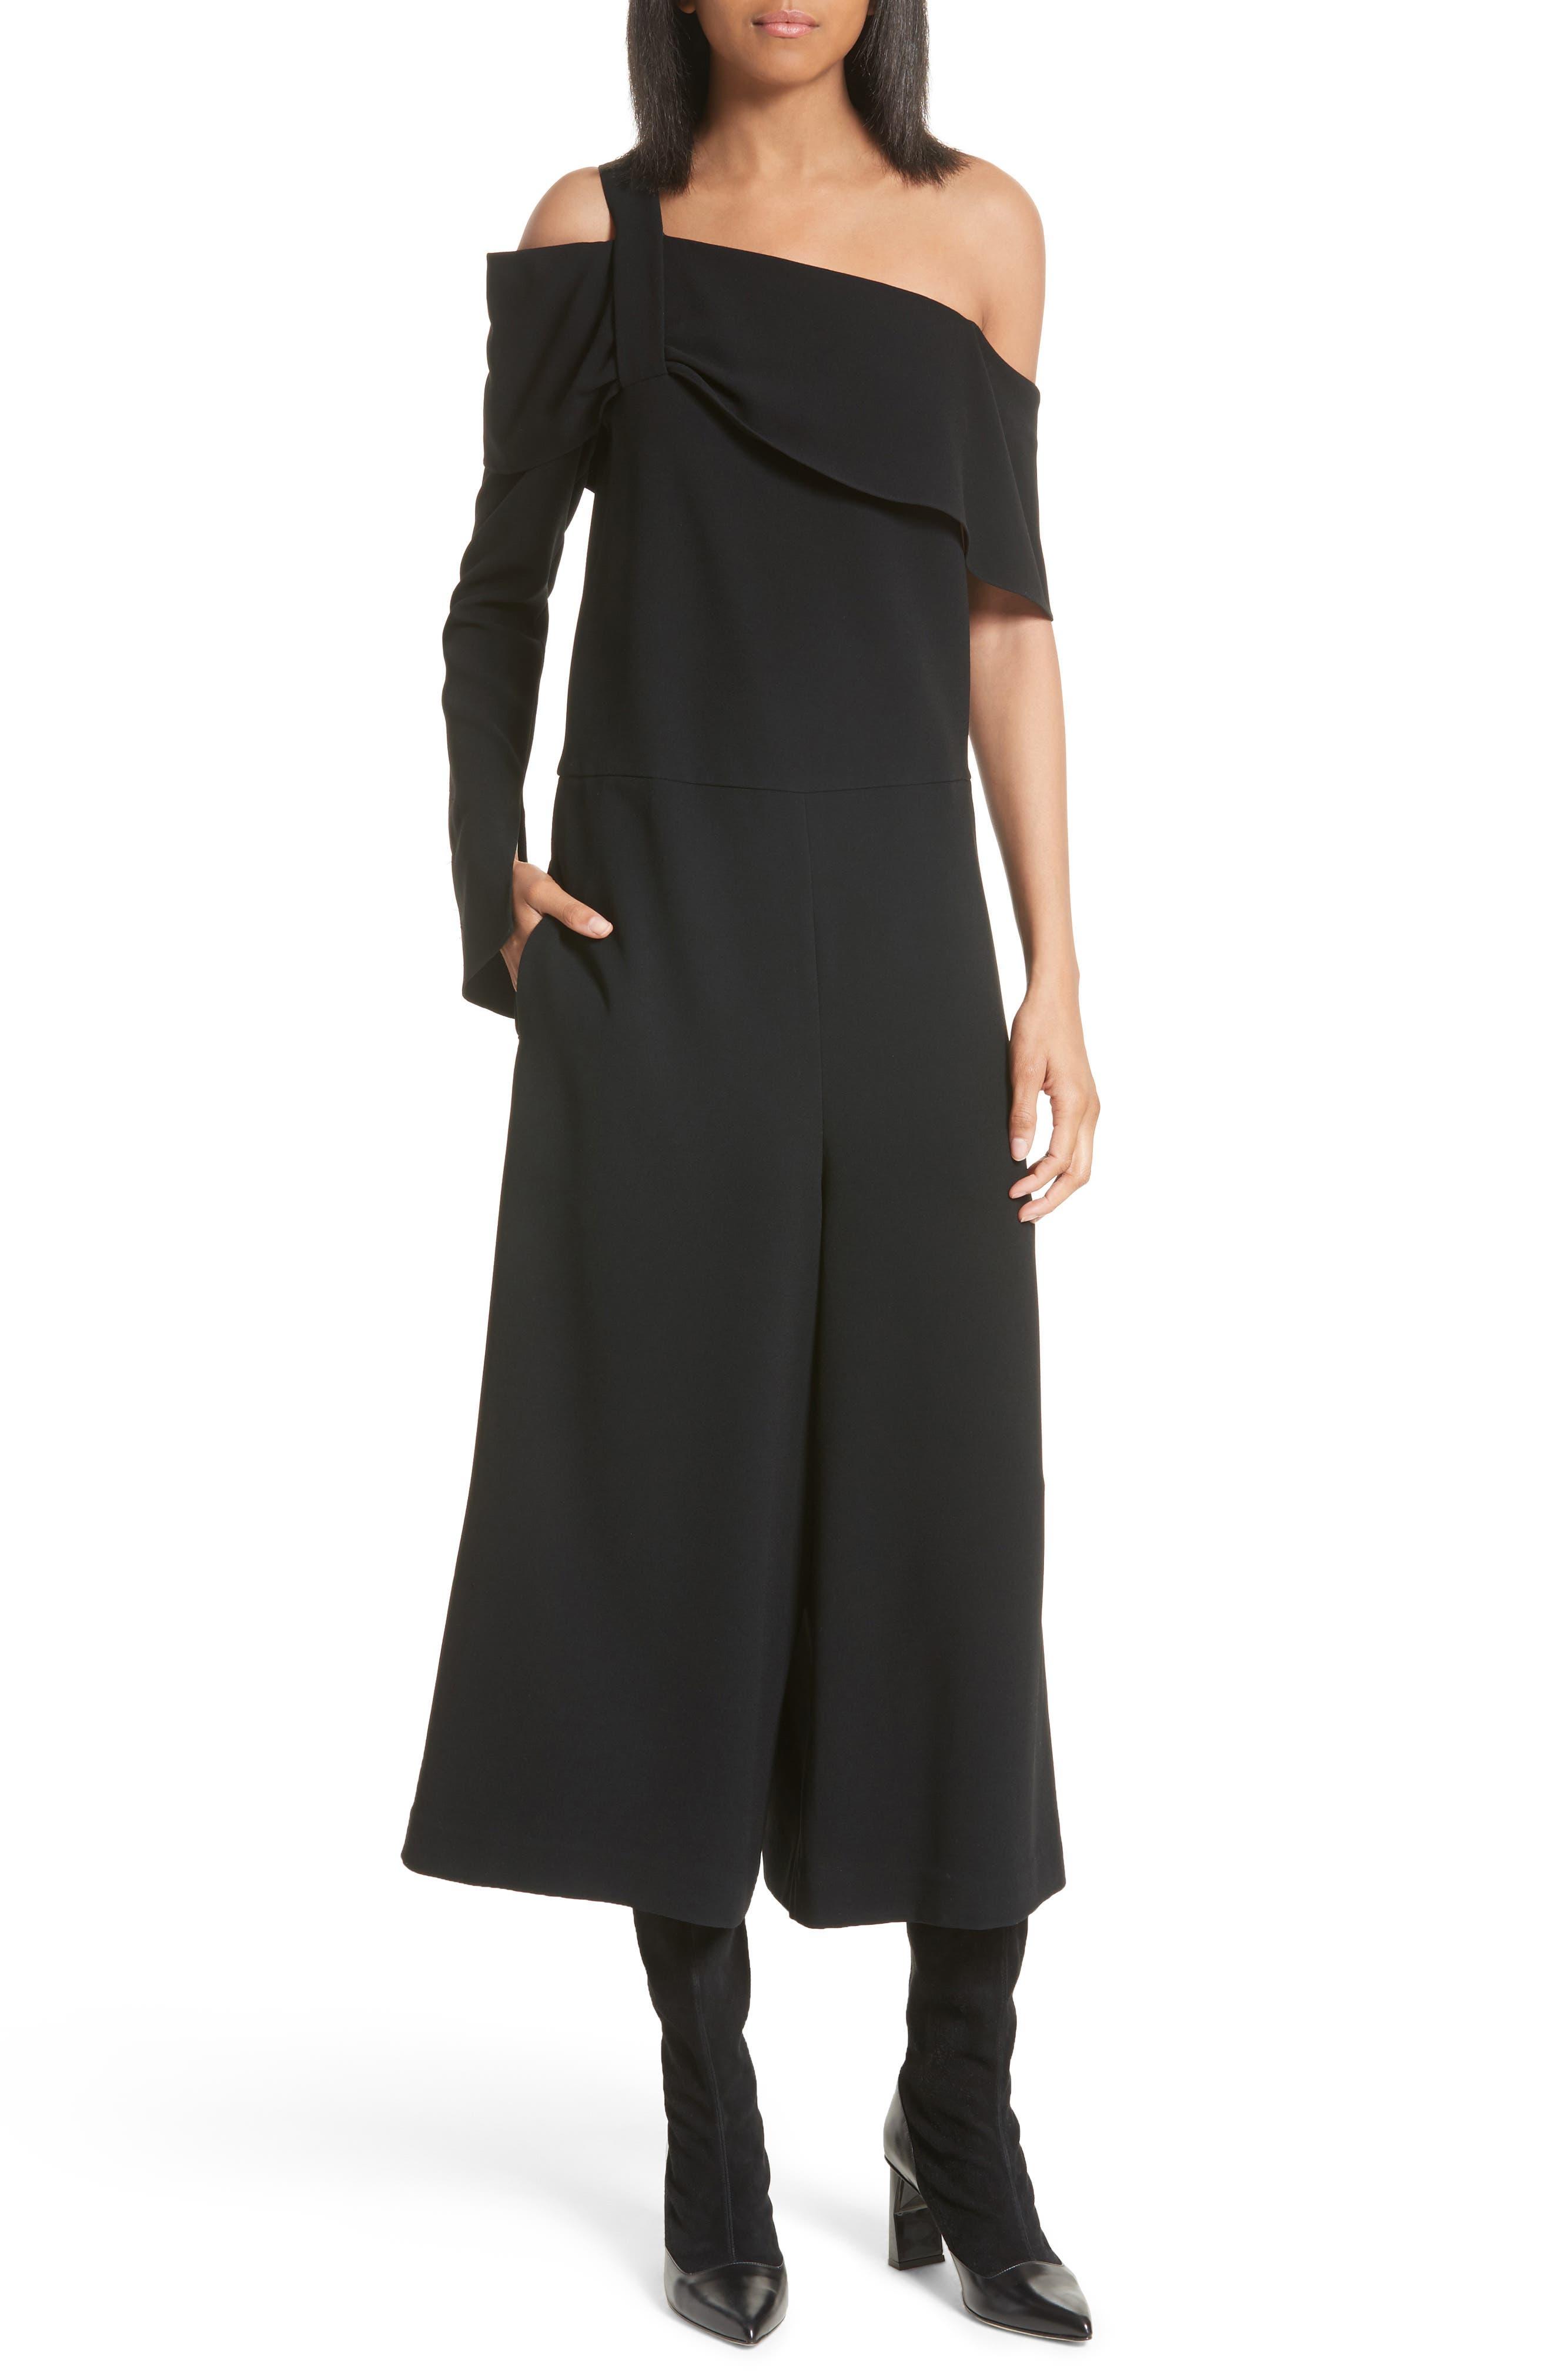 Alternate Image 1 Selected - Tibi Off the Shoulder Crop Jumpsuit